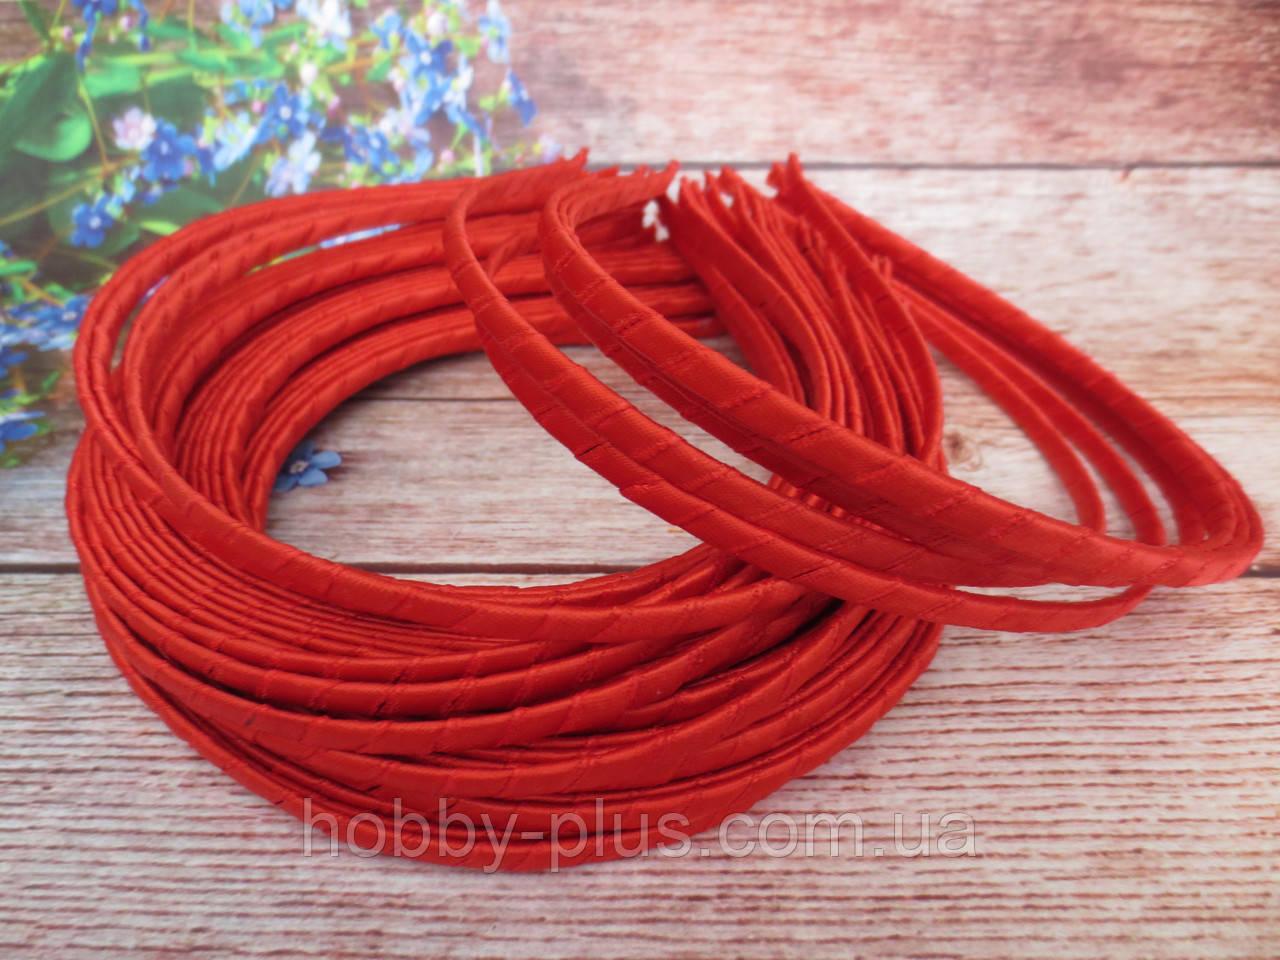 Обруч металлический обмотанный лентой, КРАСНЫЙ, 0,6 см